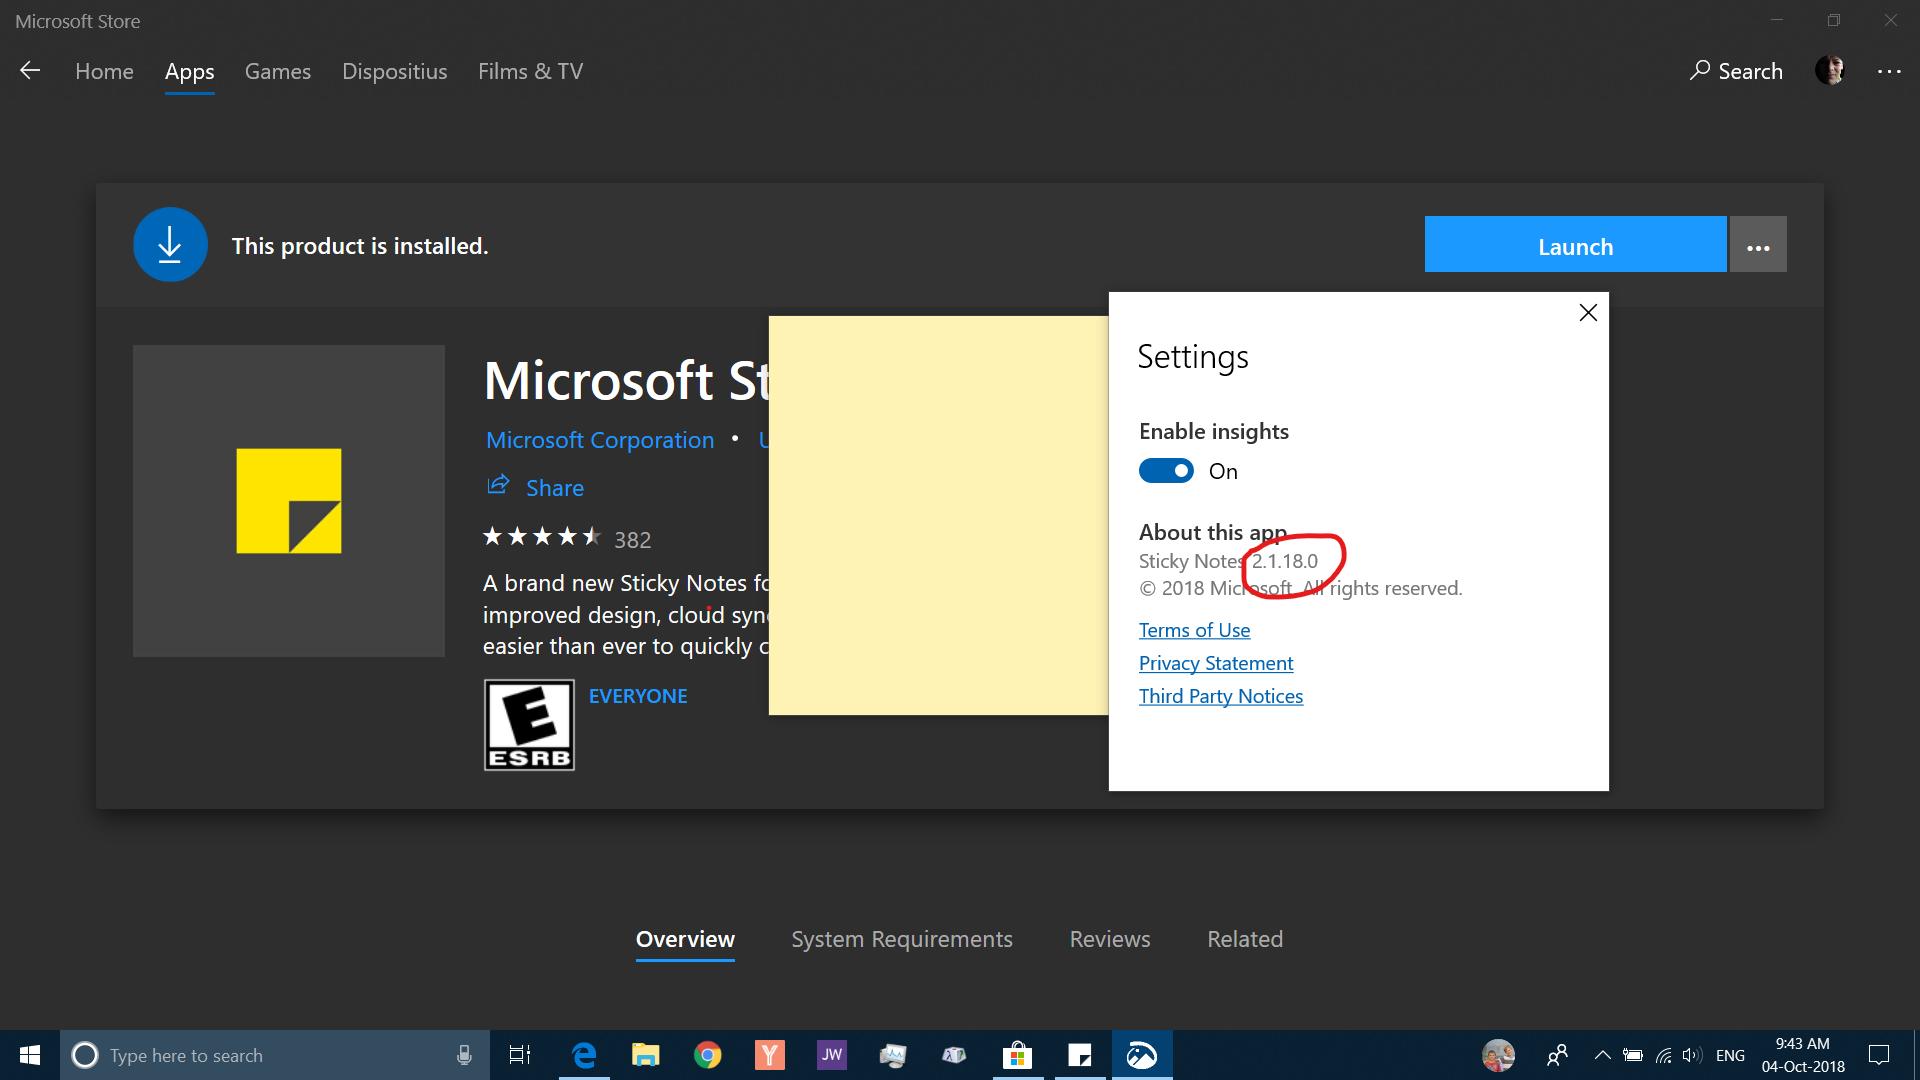 Sticky Notes 3 0? - Microsoft Community